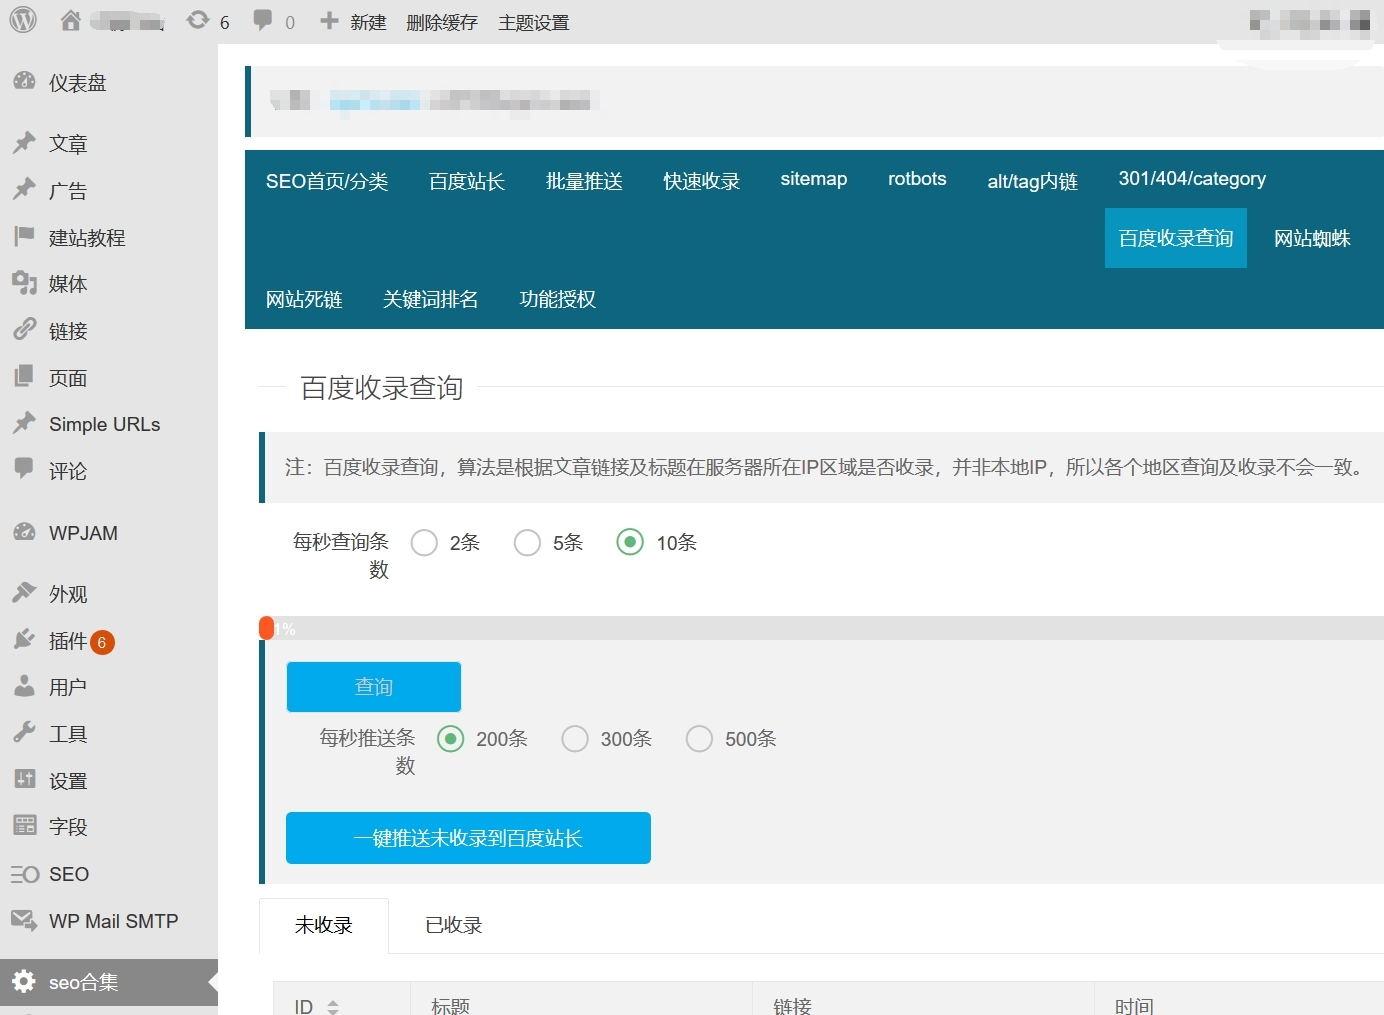 百度SEO合集 WordPress插件+seo优化插件+快速收录+网站蜘蛛 第1张